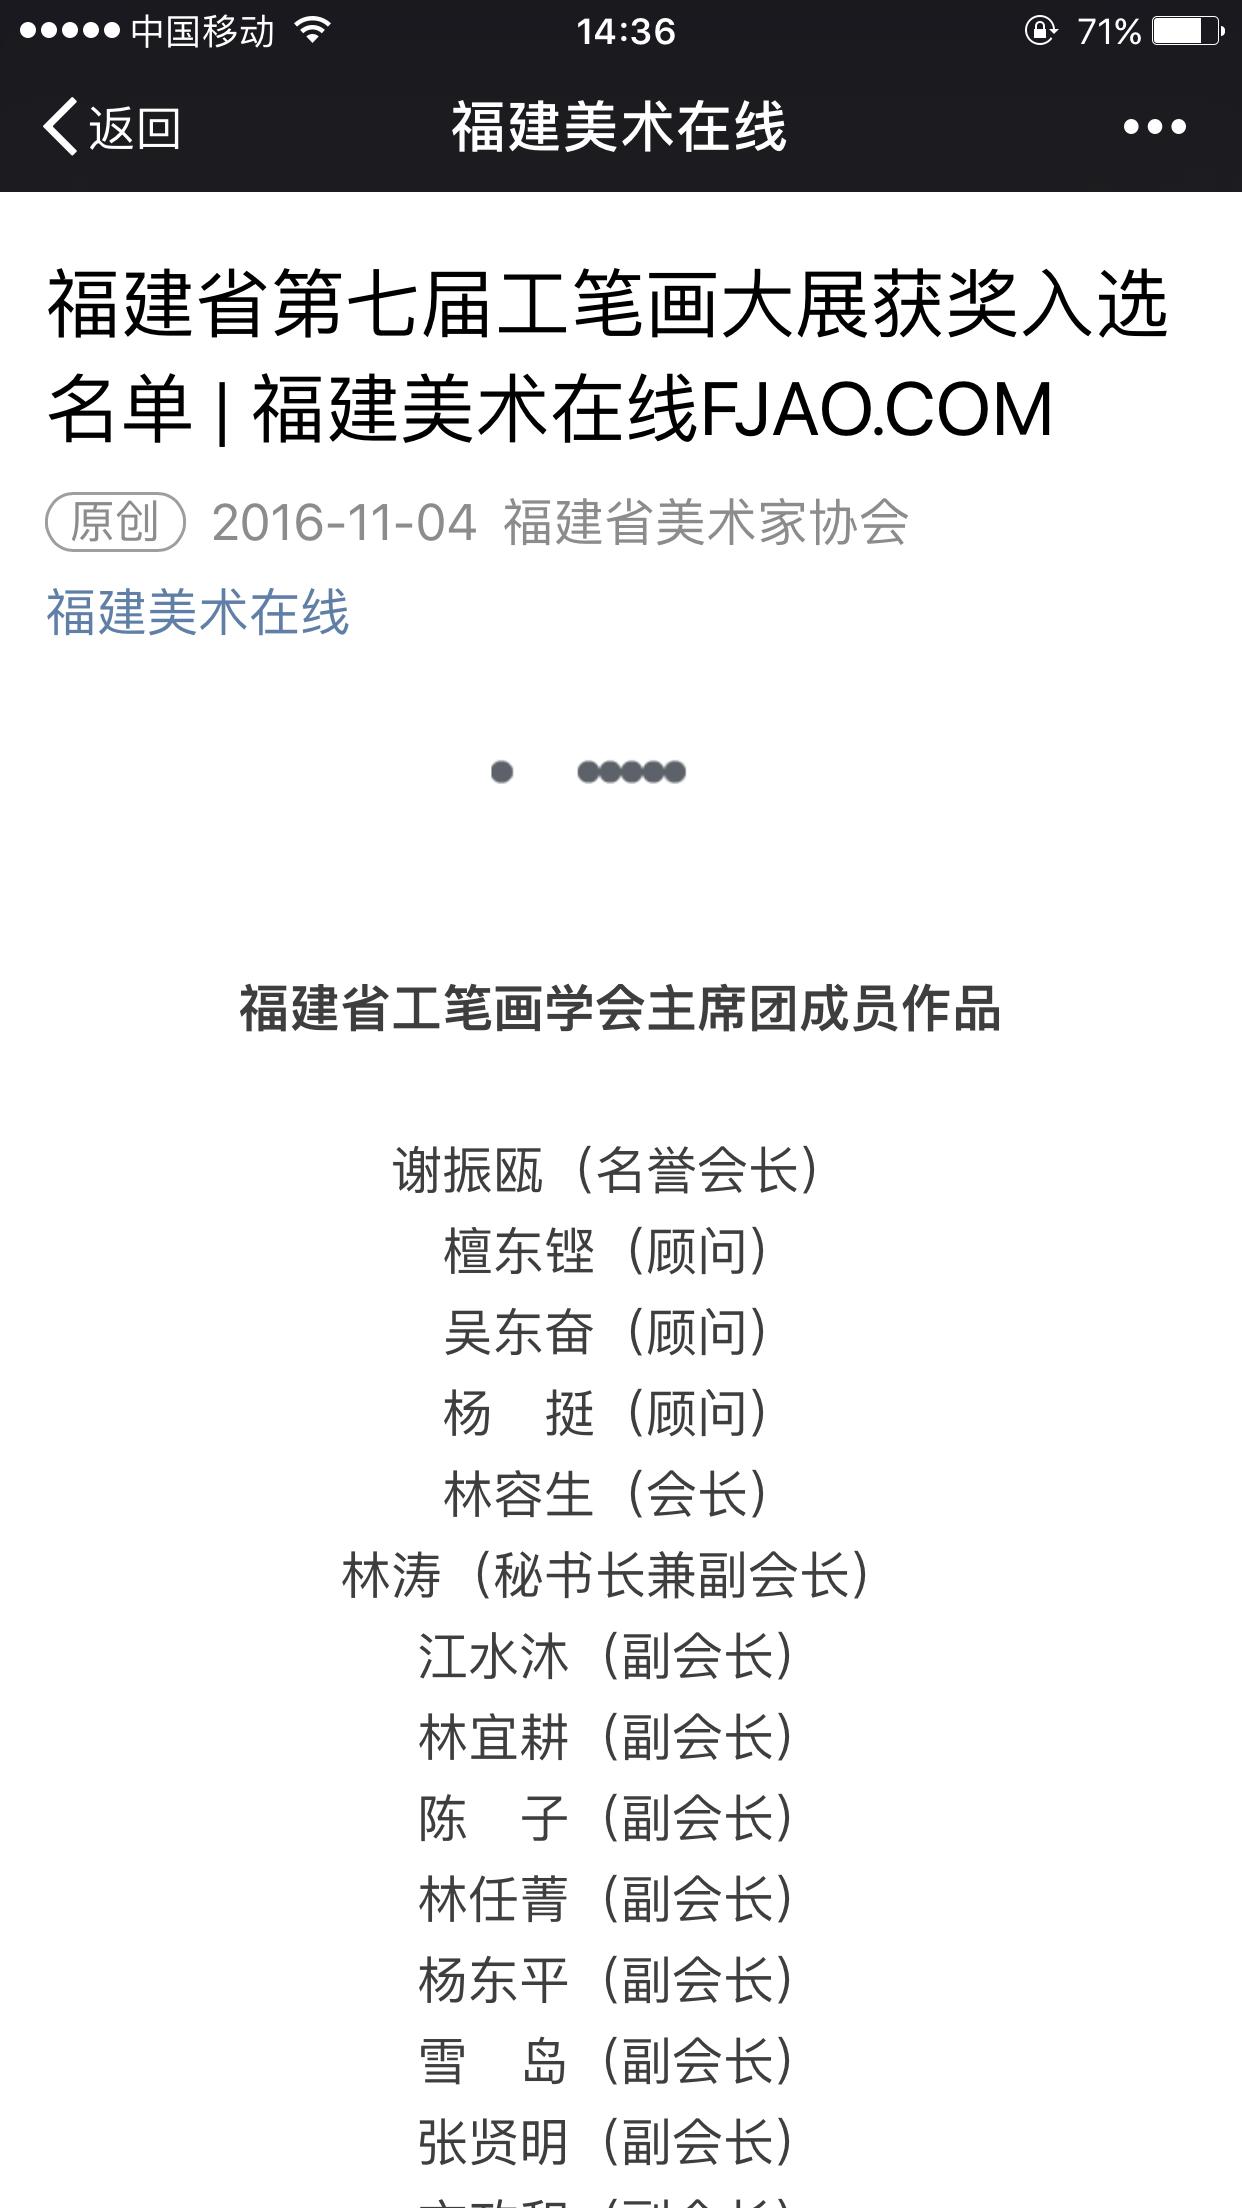 郑路迅、黄海丽分别在福建省第七届工笔画展获奖、入选